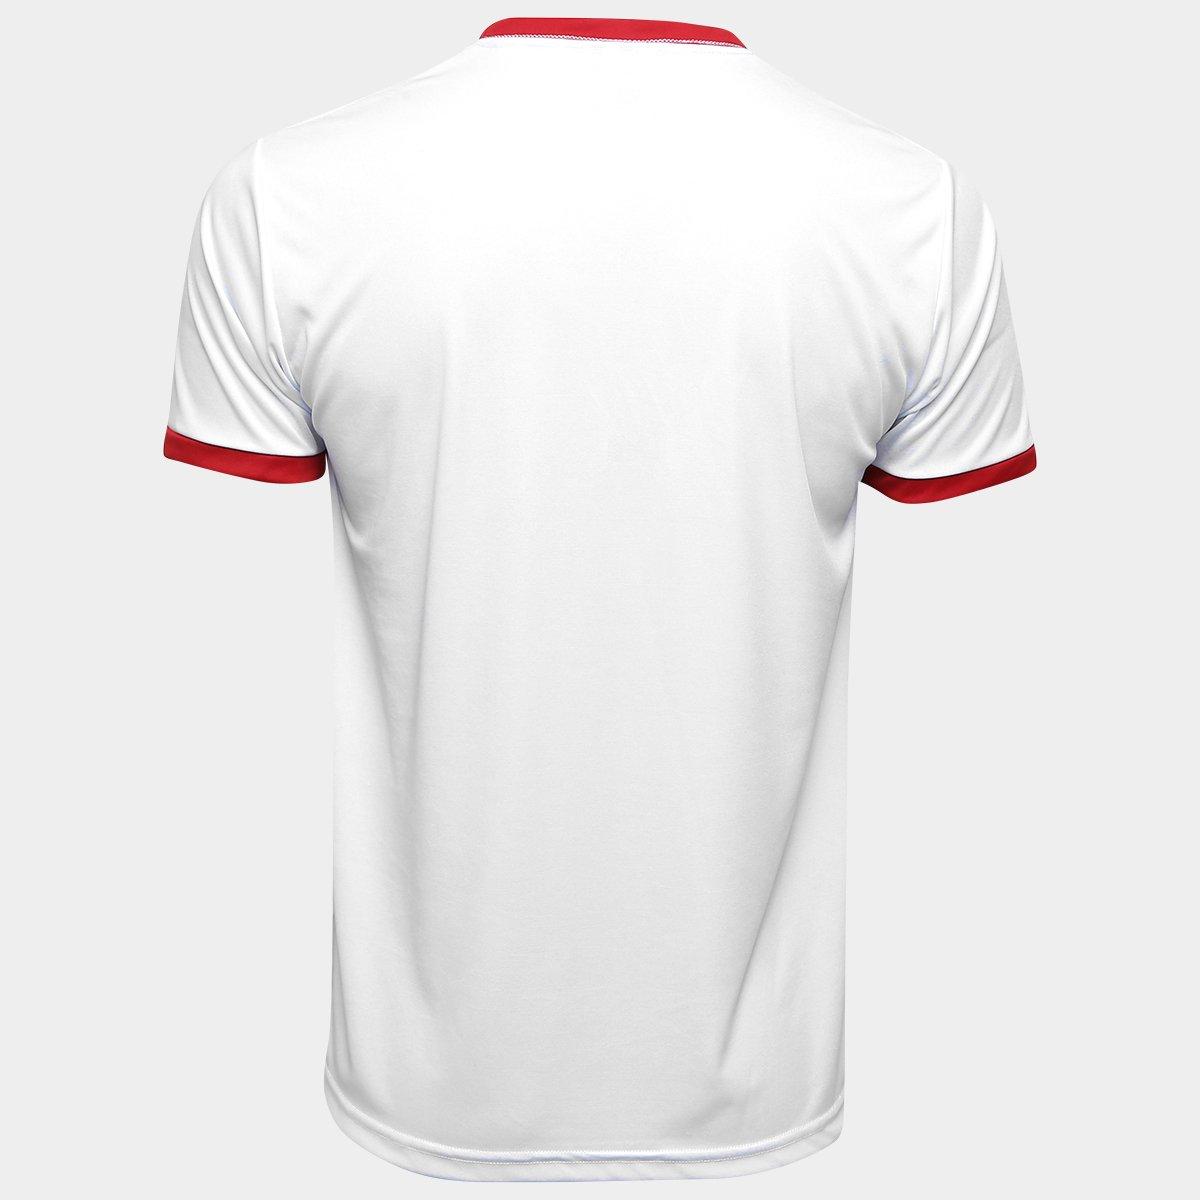 Camisa Vasco Templária Ed. Limitada Masculina - Branco e Vermelho ... 96f02ba9ddd86